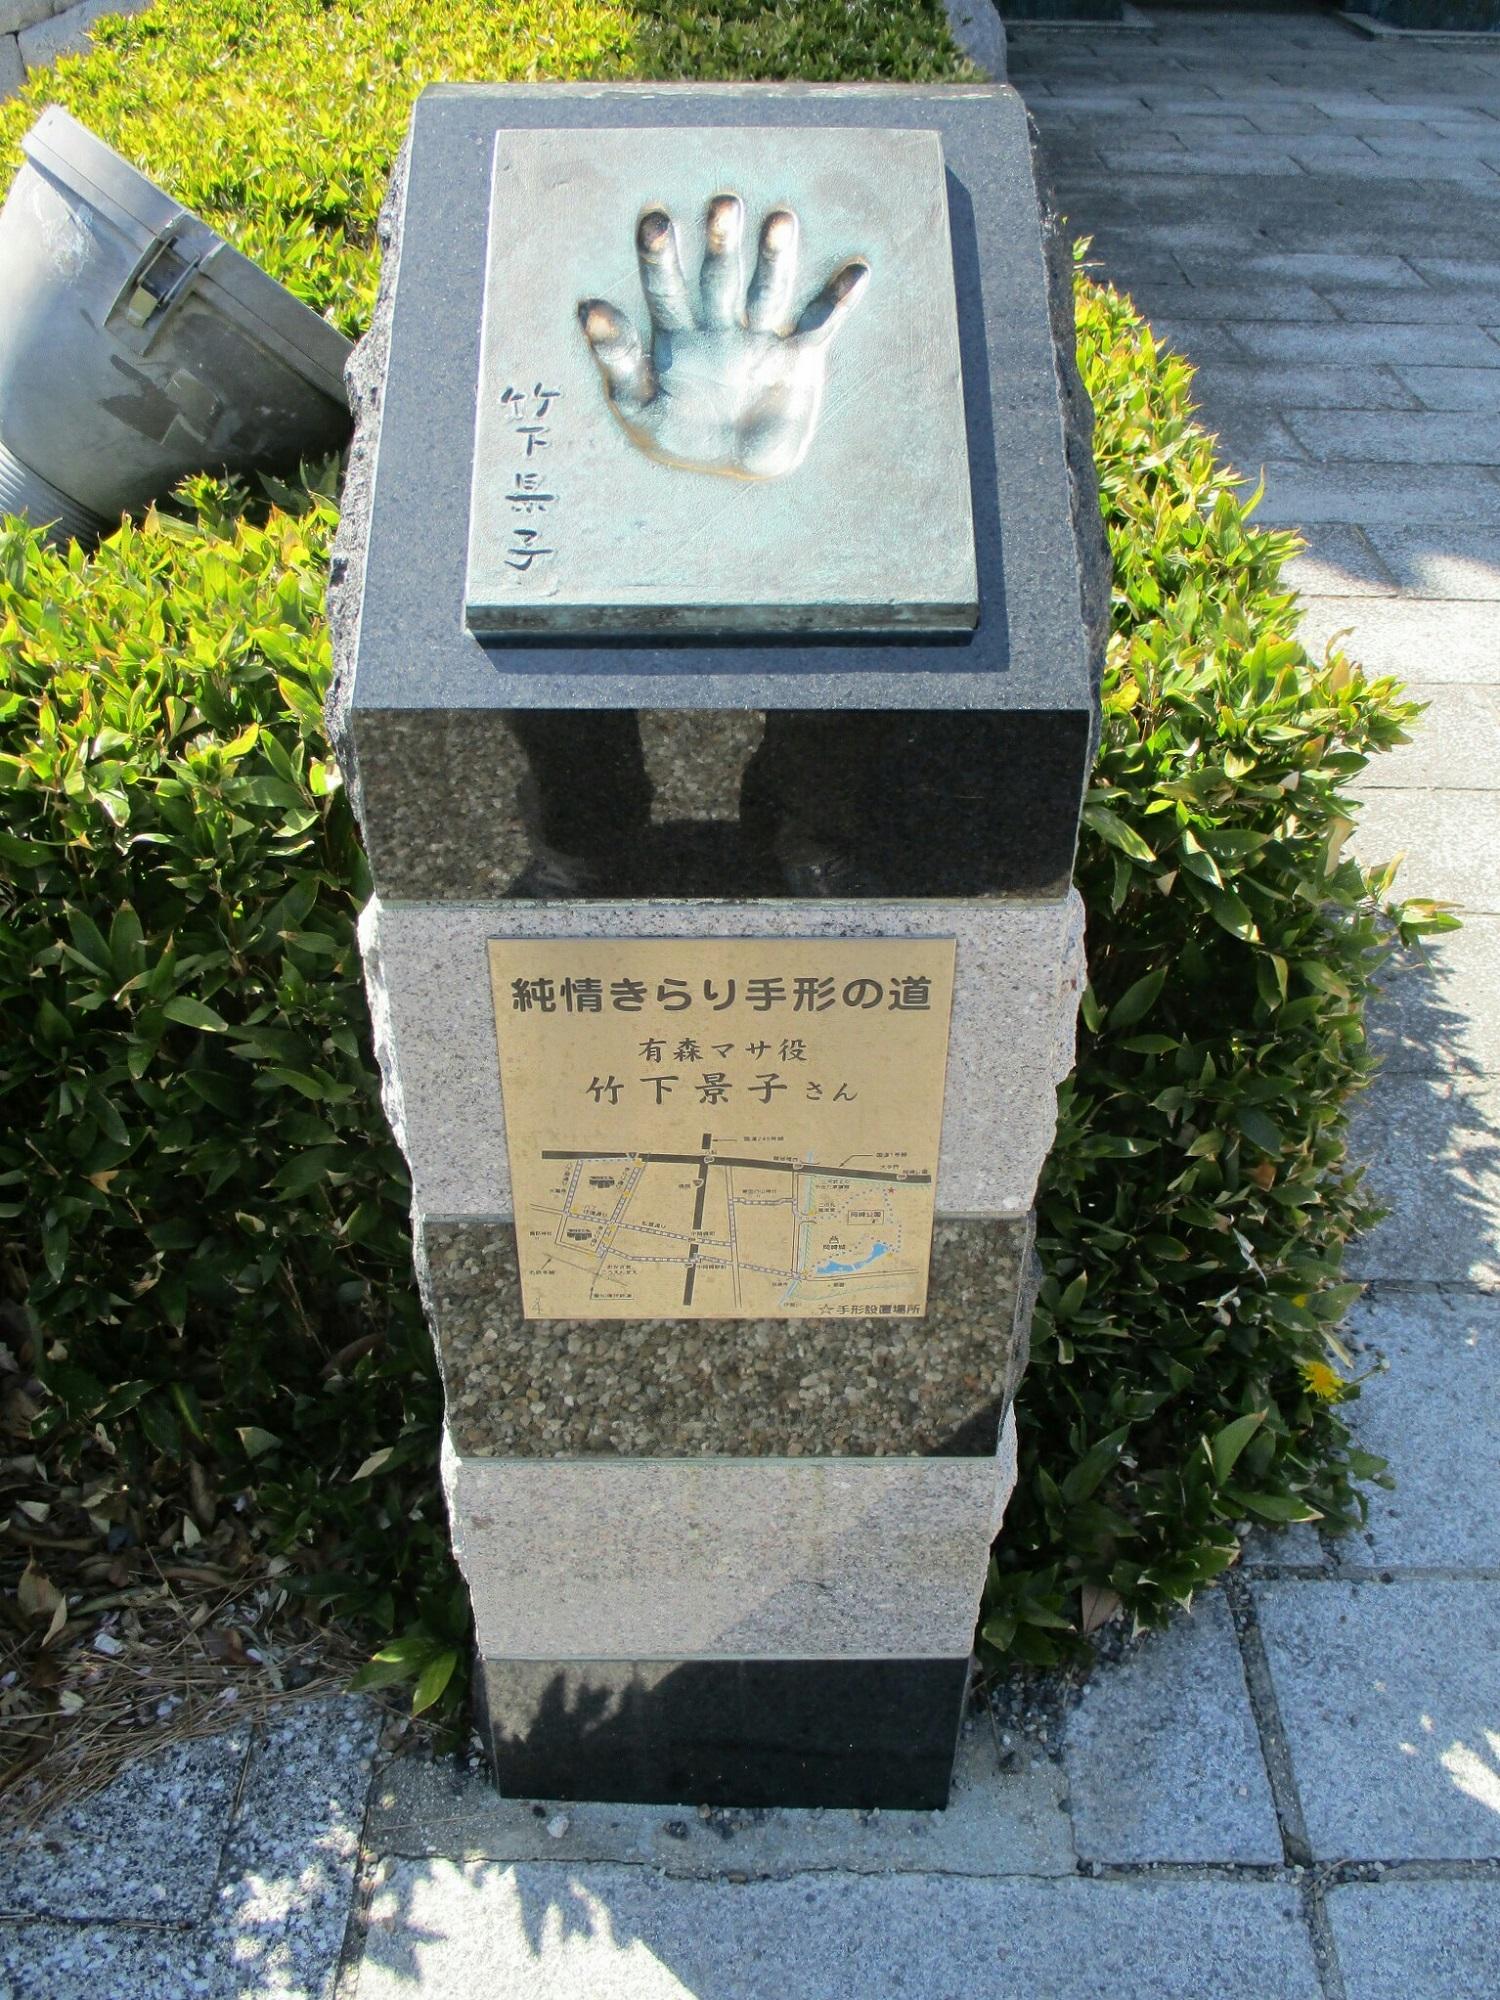 2019.4.9 (28) 竹下景子さんのてがた 1500-2000